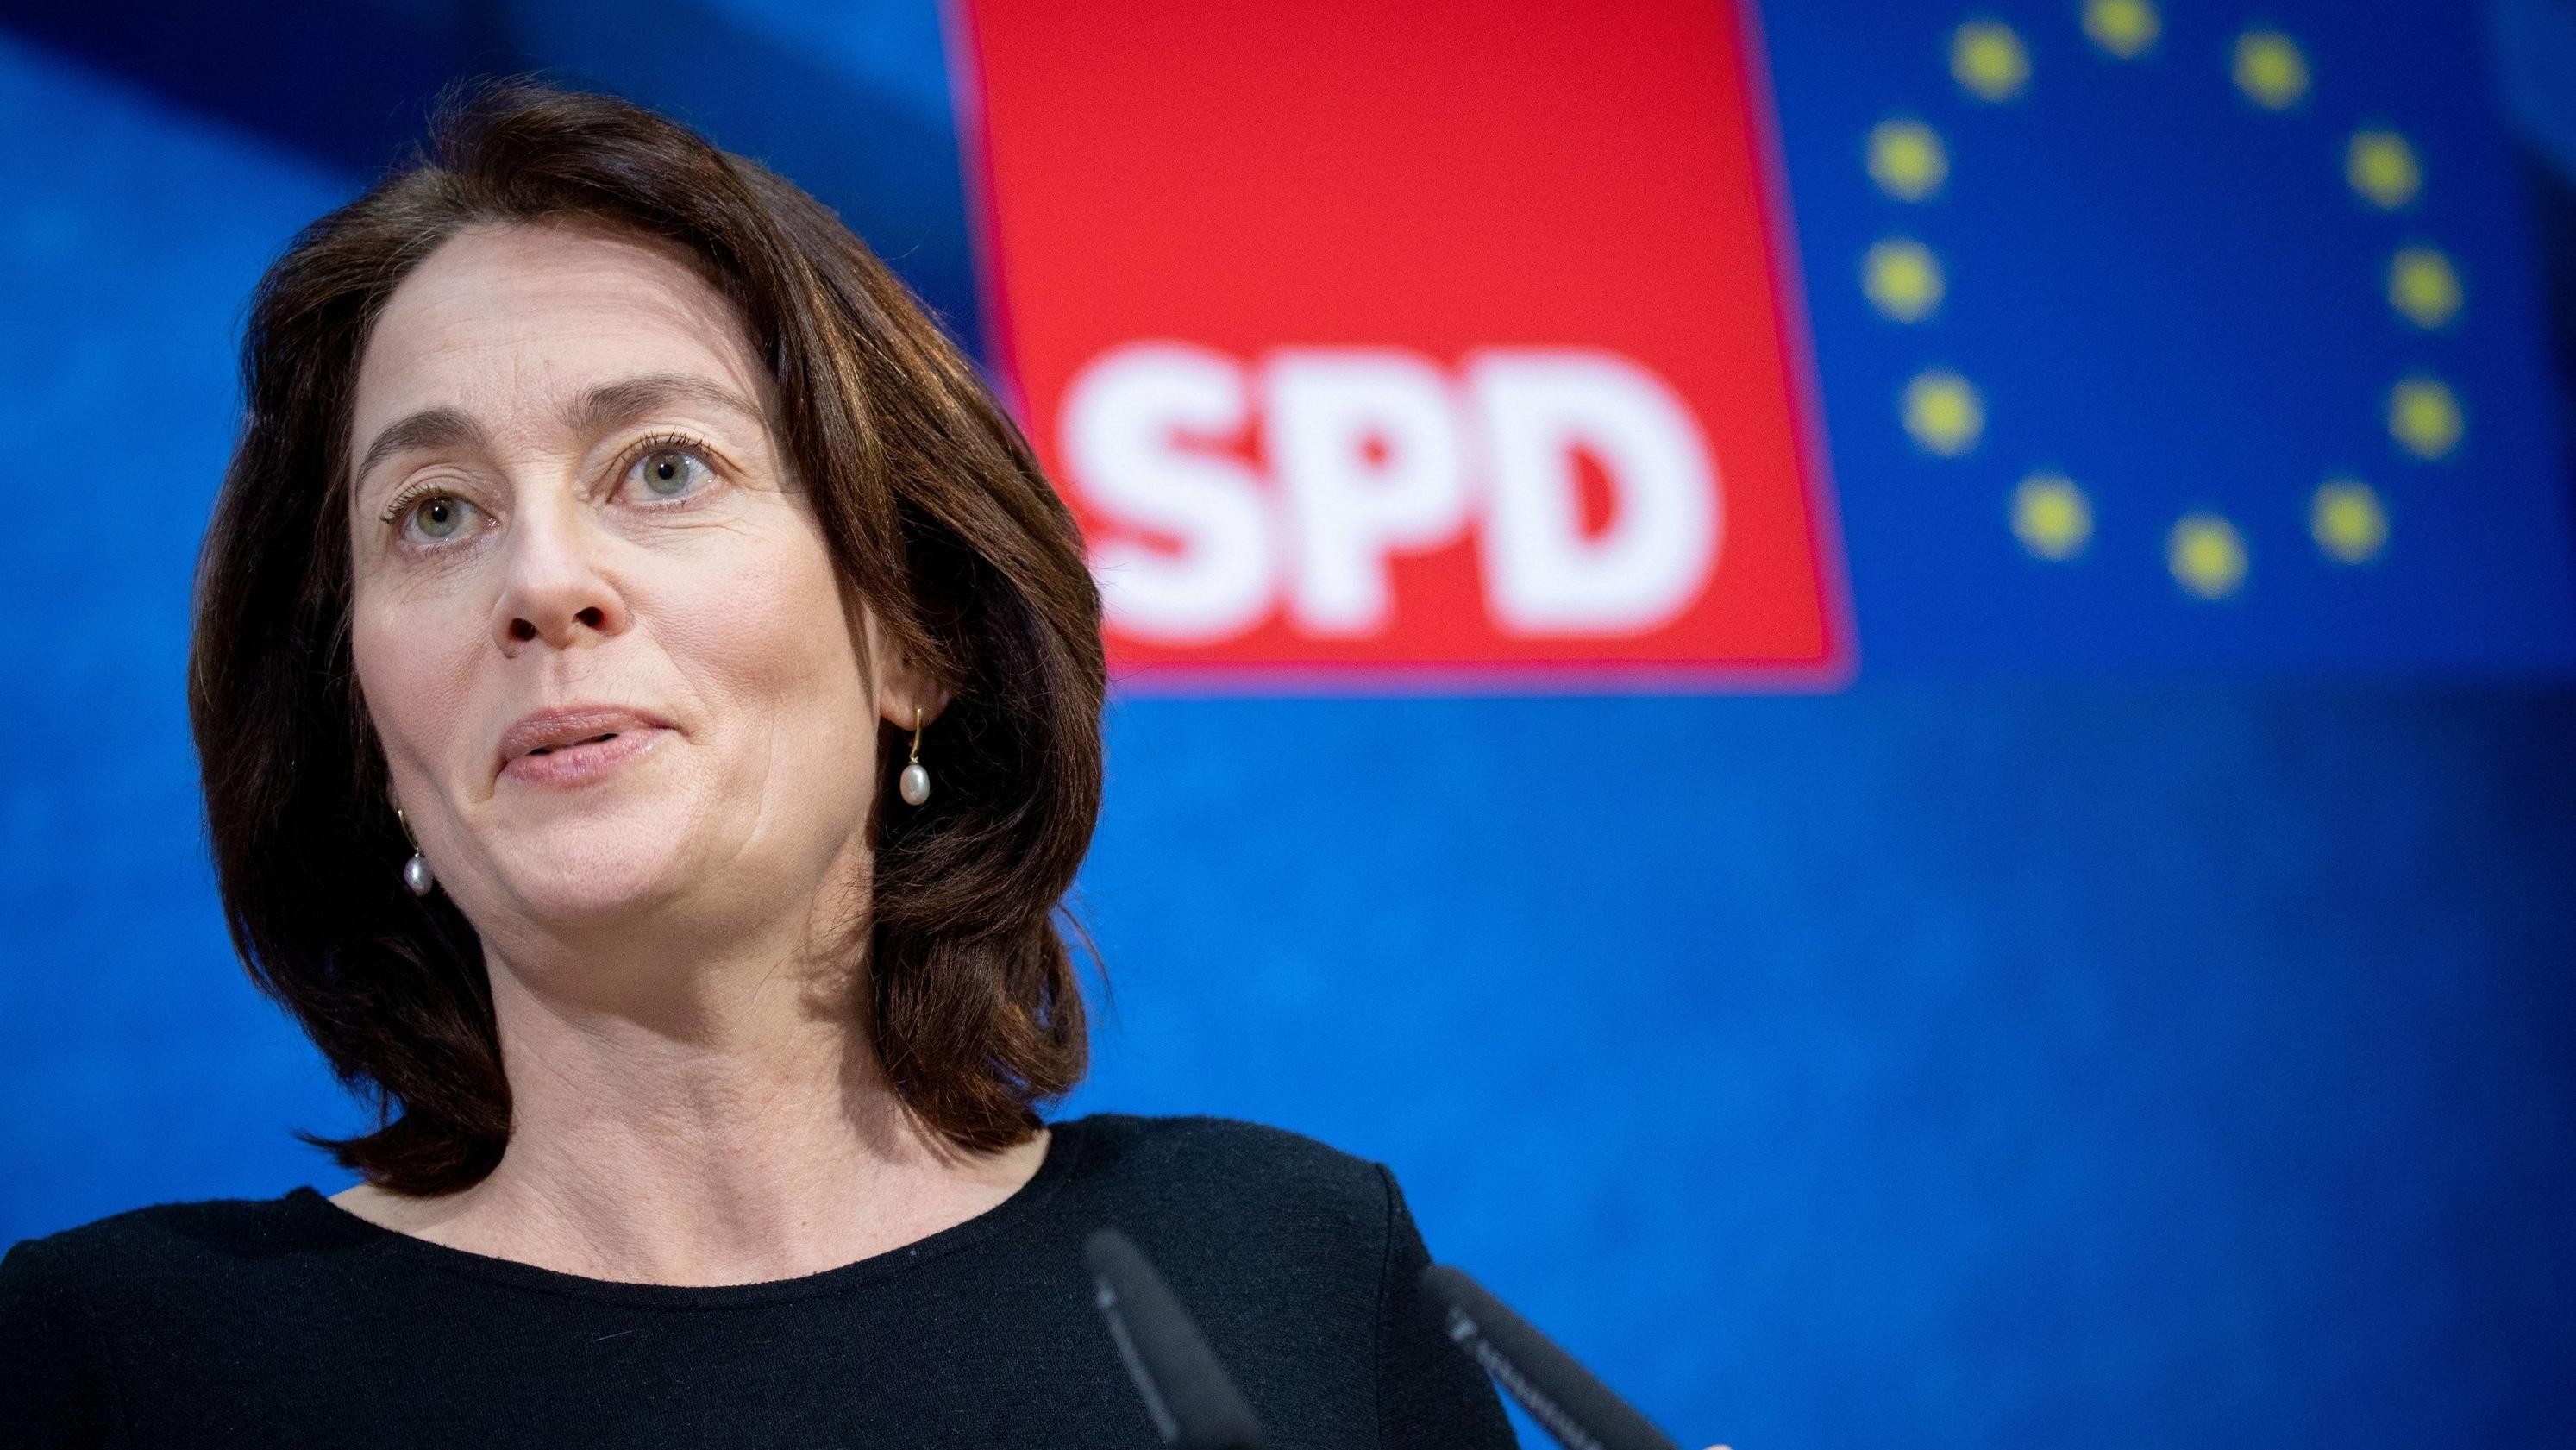 Archiv: Katarina Barley, SPD-Spitzenkandidatin für die Europa-Wahl, stellt das Wahlprogramm ihrer Partei für die Europawahl vor